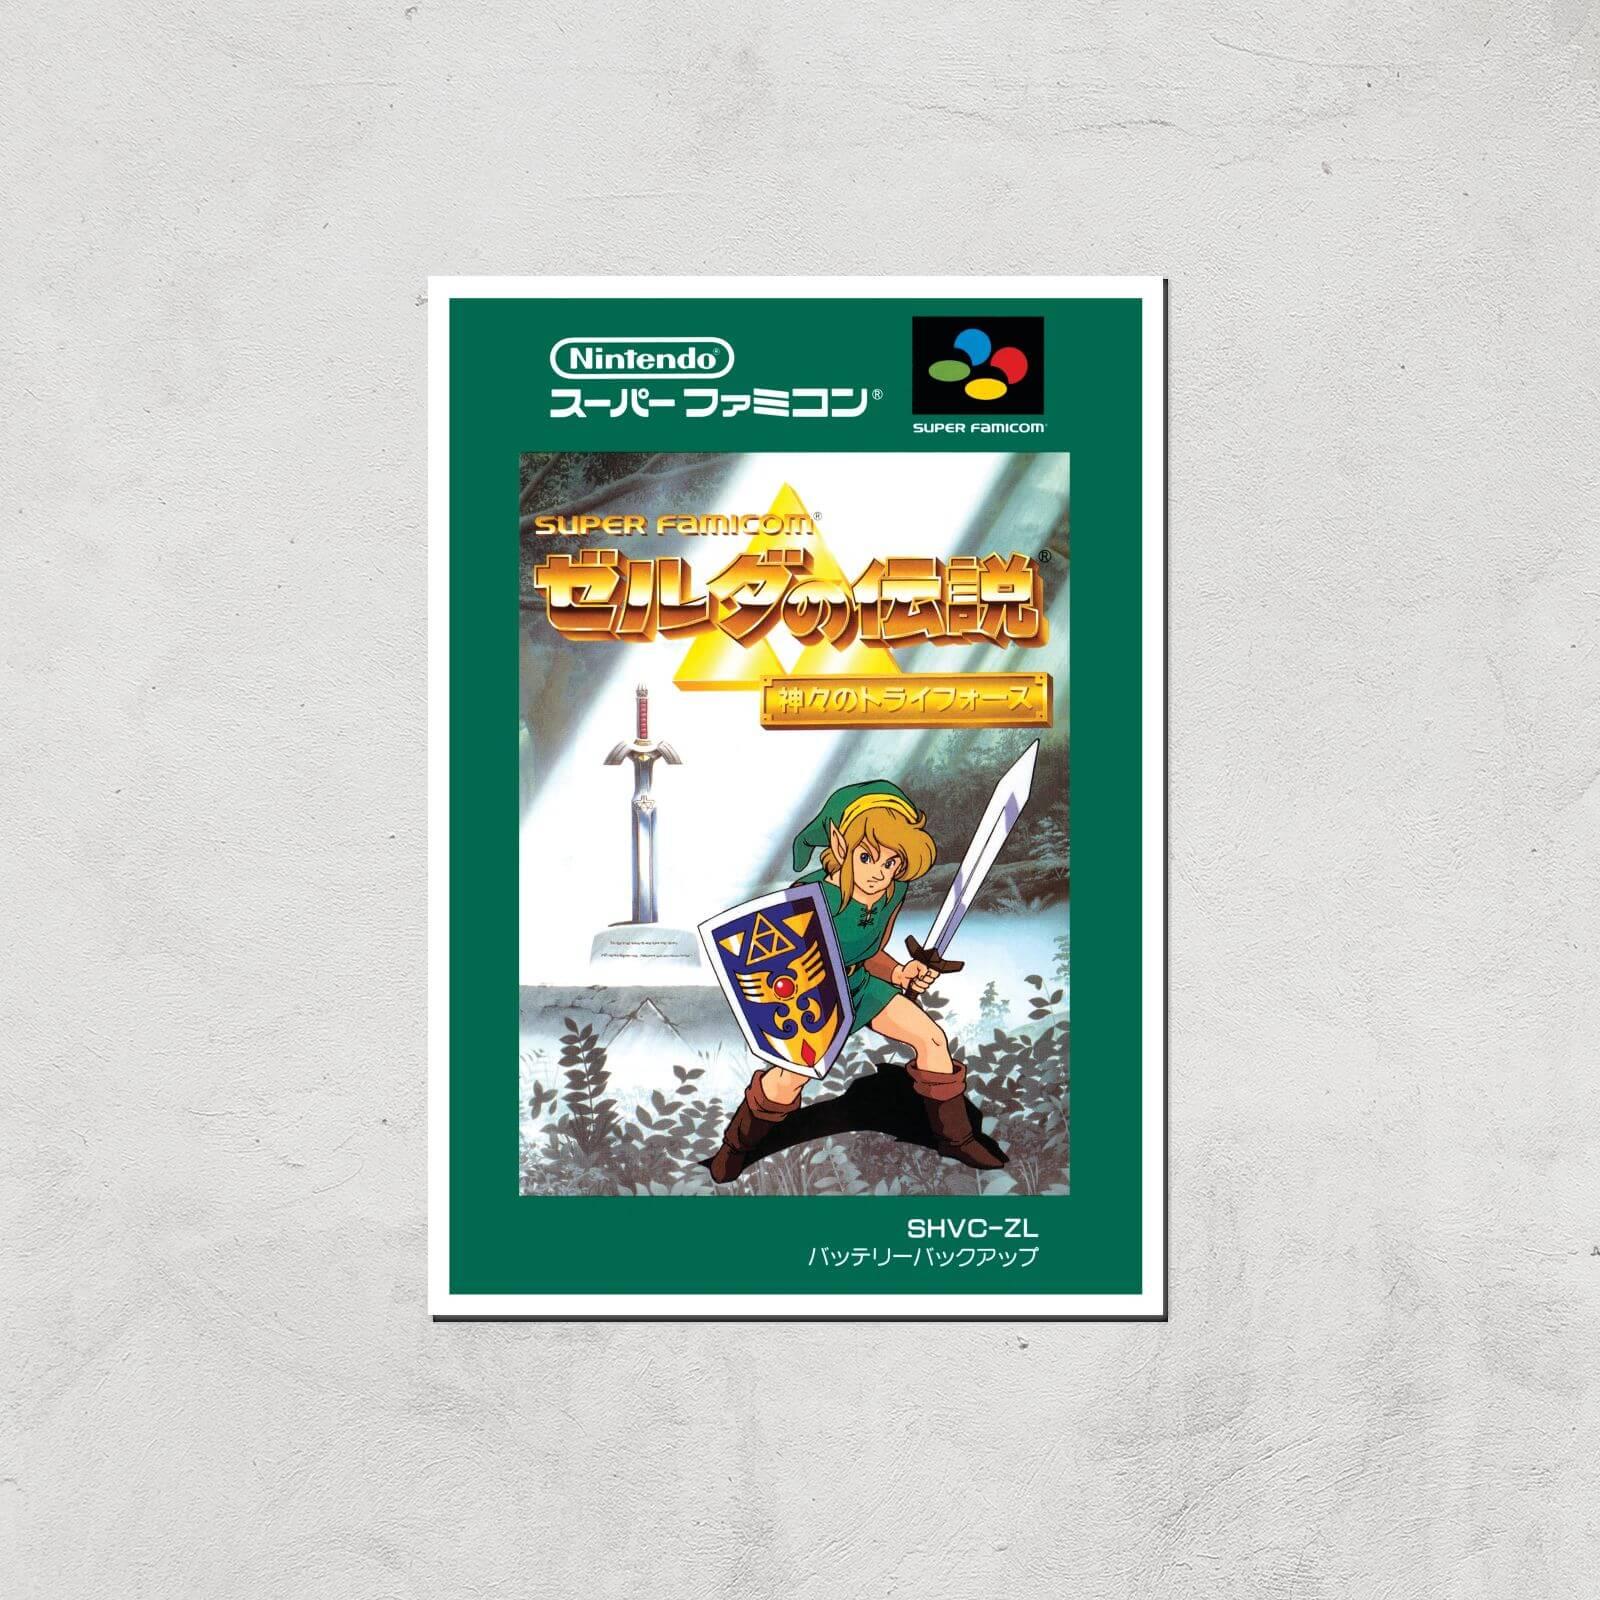 Nintendo Retro Zelda Cover Art Print - A4 - Print Only